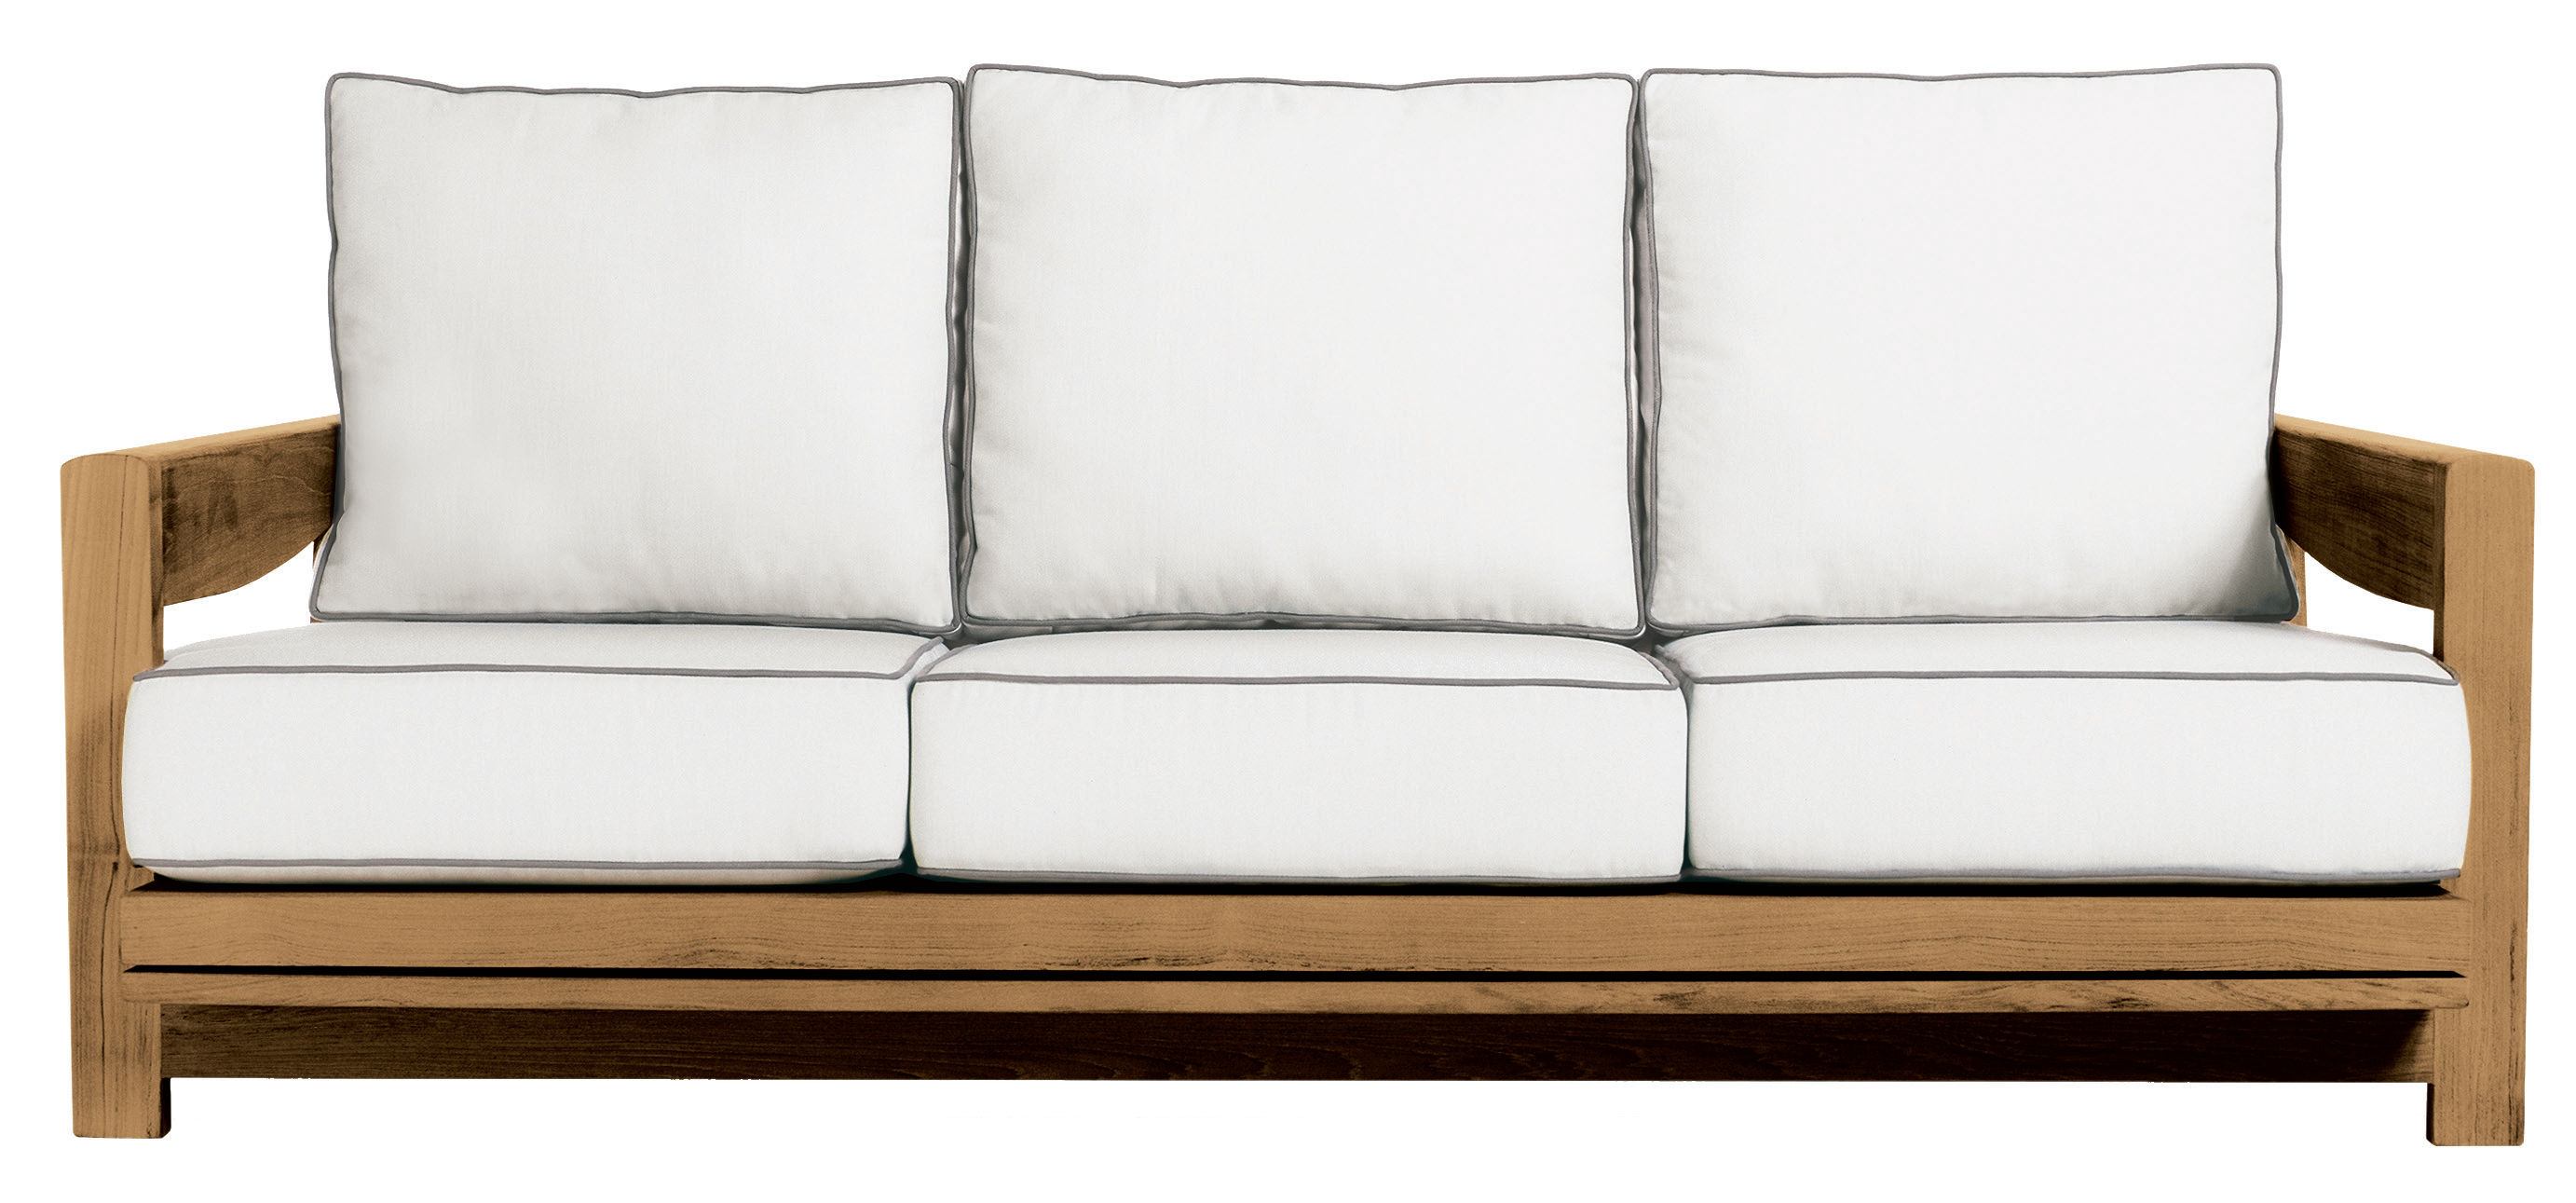 Contemporary sofa garden teak 3 seater PENINSULA by Terry